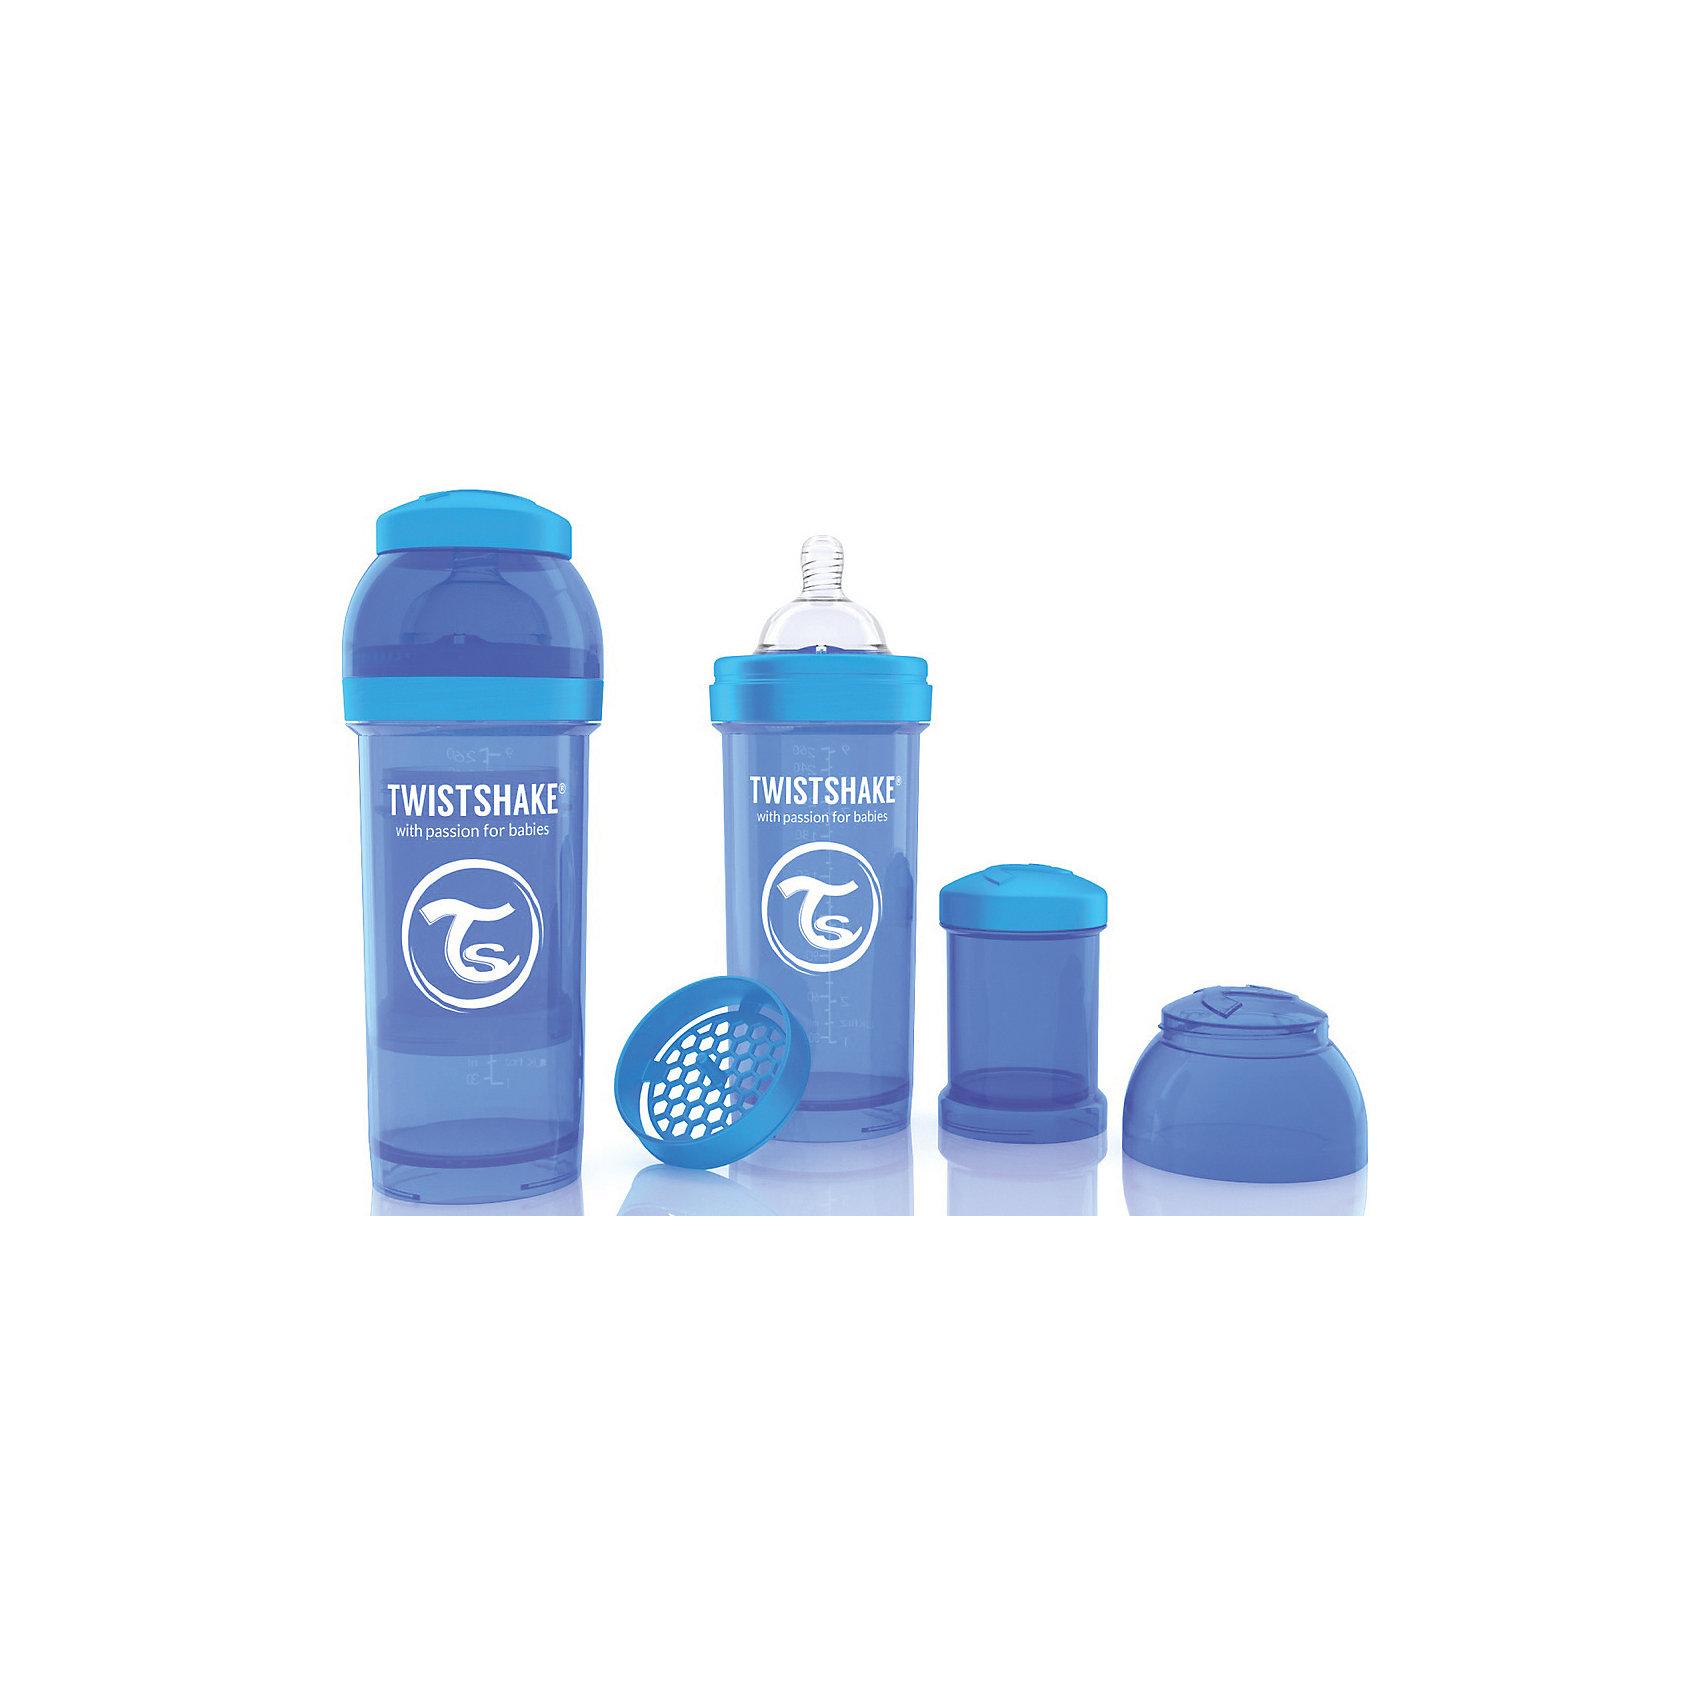 Антиколиковая бутылочка 260 мл., Twistshake, синийБутылочки и аксессуары<br>Антиколиковая бутылочка 260 мл., синий от шведского бренда Twistshake (Твистшейк), придет по вкусу малышам и современным родителям. Эти бутылочки идут в комплекте с контейнером для сухой смеси, чтобы можно было готовить смесь в любом месте непосредсвенно перед кормлением. Также в комплект входит решеточка для разбивки комочков смеси, делая саму смесь идеальной. Материал бутылочки имеет свойства сохранения температуры, не содержит бисфенол А. Удобная форма горлышка обеспечивает доступ к полной промывки бутылочки, можно стерилизовать как холодным, так и горячим методами. Небольшой контейнер для смеси (100 мл.) можно использовать для хранения еды, например печенья или кусочков яблока. Соска бутылочки имеет ортодонтичную форму, благодаря специальному клапану и строению предотвращает попадание воздуха и снижает вероятность появления коликов у крохи. Все предметы складываются в бутылочку для удобной транспортировки и хранения. Также можно купить бутылочки разных цветов и комбинировать их в любимые цветовые сочетания.<br><br>Дополнительная информация:<br><br>- В комплект входит: бутылочка с соской 260 мл., контейнер с крышкой 100 мл., решетка, крышка для бутылочки.<br>- Размер соски: М<br>- Состав бутылочки: 100% пропиллен<br>- Состав соски: силикон<br><br>Антиколиковую бутылочку 260 мл., Twistshake, синий можно купить в нашем интернет-магазине.<br>Подробнее:<br>• Для детей в возрасте: от 2 месяцев <br>• Номер товара: 4976045<br>Страна производитель: Китай<br><br>Ширина мм: 70<br>Глубина мм: 70<br>Высота мм: 190<br>Вес г: 164<br>Возраст от месяцев: 2<br>Возраст до месяцев: 12<br>Пол: Унисекс<br>Возраст: Детский<br>SKU: 4976045